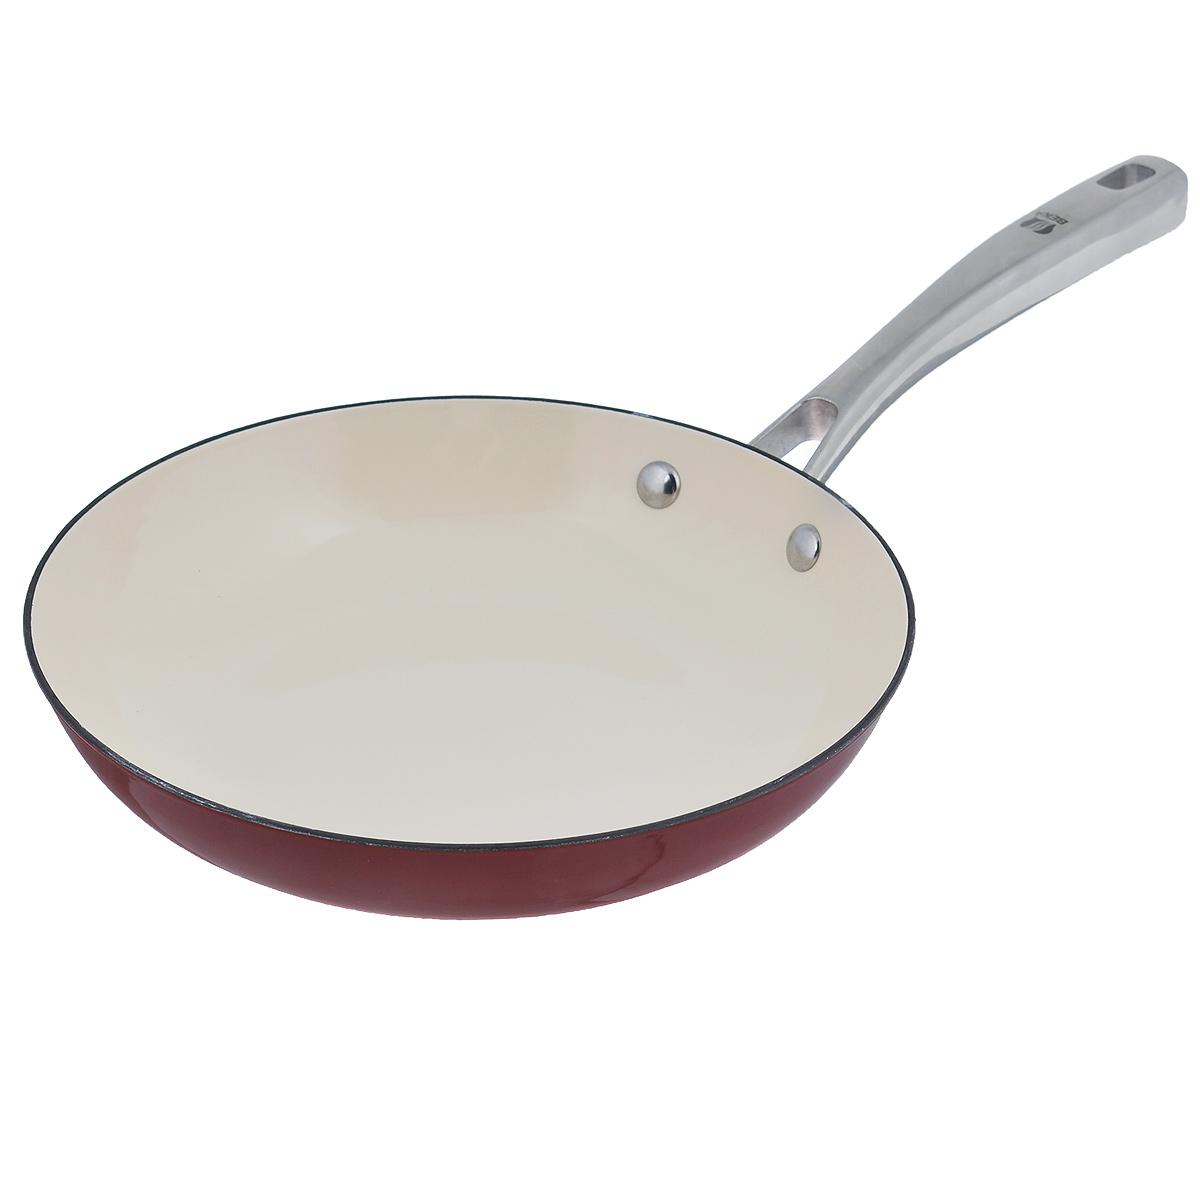 Сковорода Beka Arome, цвет: красный. Диаметр 24 см. 1630724454 009312Сковорода Beka Arome изготовлена из эмалированного чугуна. Он быстро нагревается и, постепенно отдавая тепло, обеспечивает наилучшее качество приготовления любимых блюд. Жаростойкая эмаль обладает повышенной устойчивостью к микроповреждениям и надолго сохраняет свой эстетичный внешний вид.Сковорода снабжена удобной и прочной ручкой из нержавеющей стали.Подходит для приготовления пищи на всех типах плит, включая индукционные. Можно мыть в посудомоечной машине.